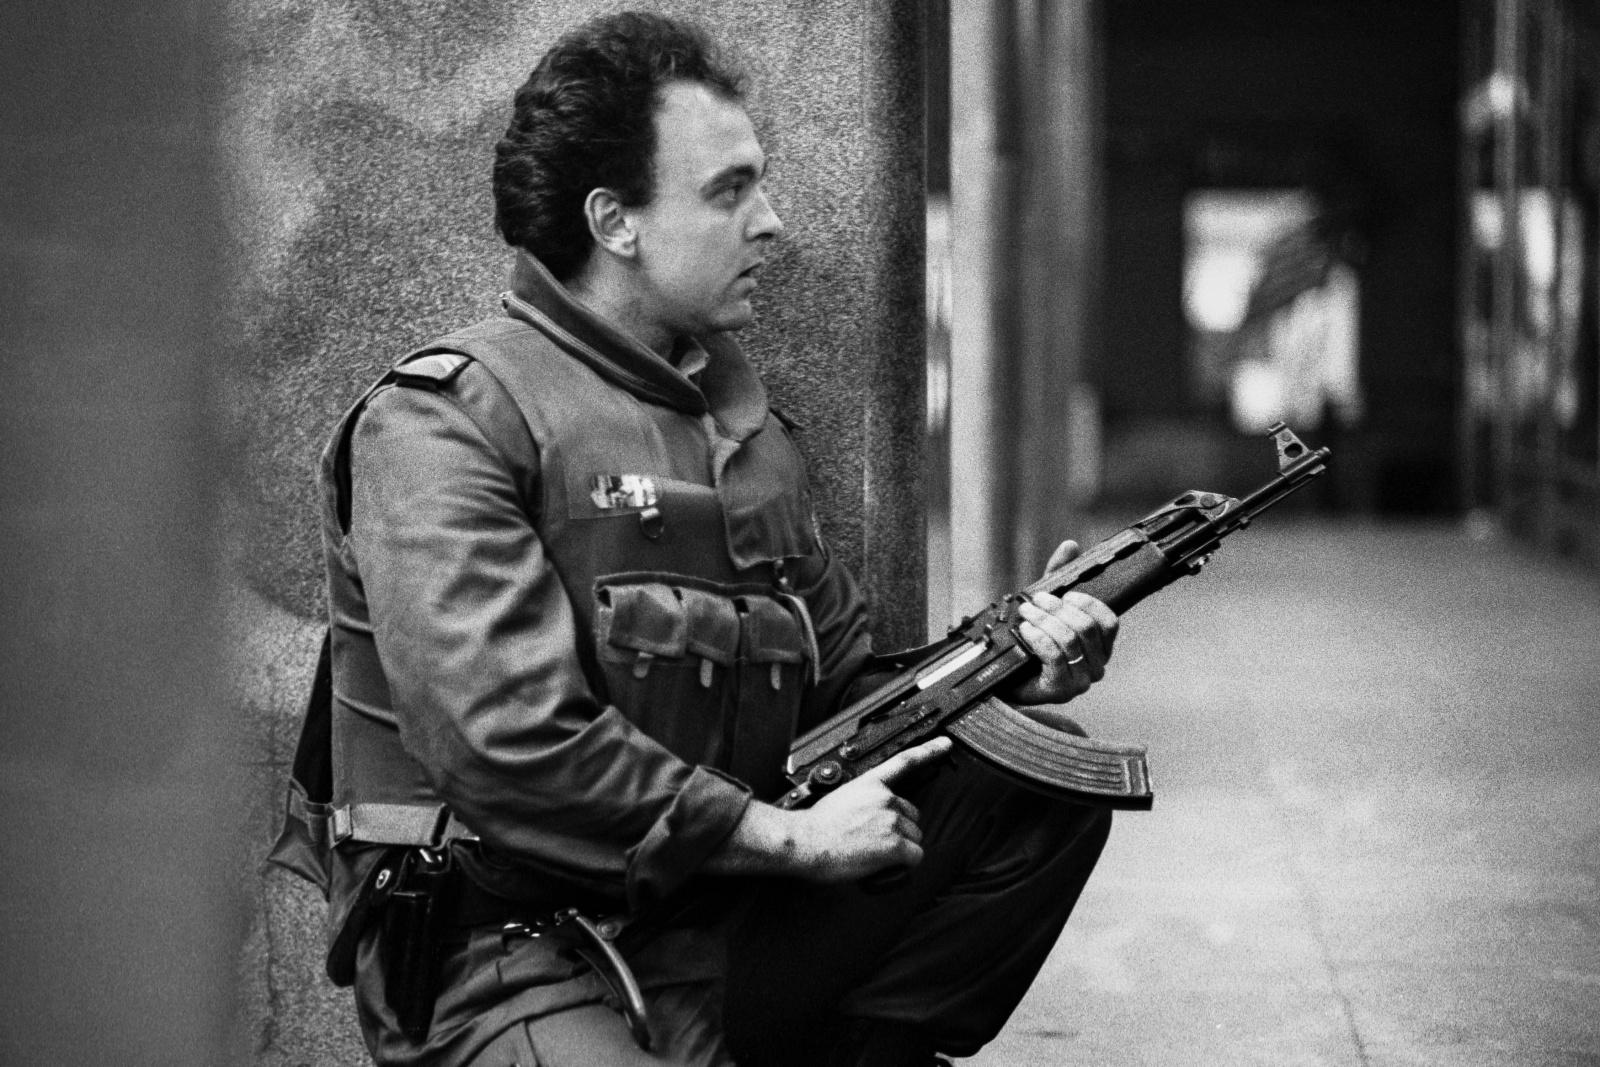 Slovenia. Nella notte del 27 giugno 1991 la Forza di Difesa Territoriale slovena pattuglia le strade di Lubiana  in cerca di eventuali soldati armati dell'esercito Federale jugoslavo JNA